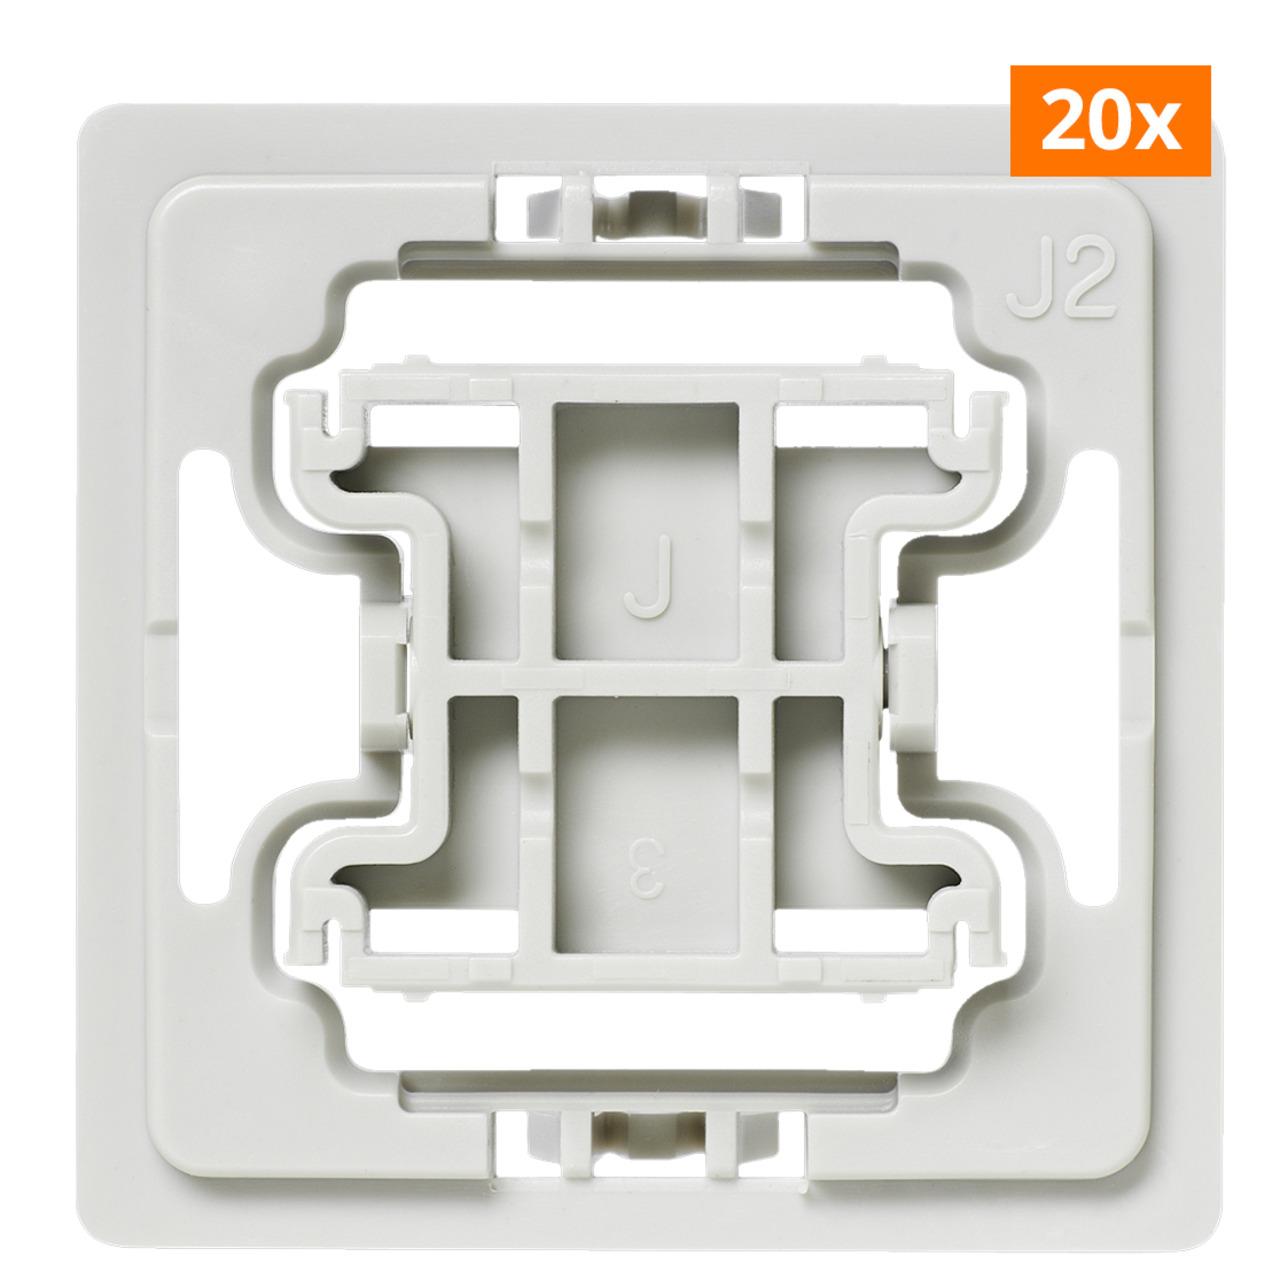 Installationsadapter für Jung-Schalter- J2- 20er-Set für Smart Home - Hausautomation